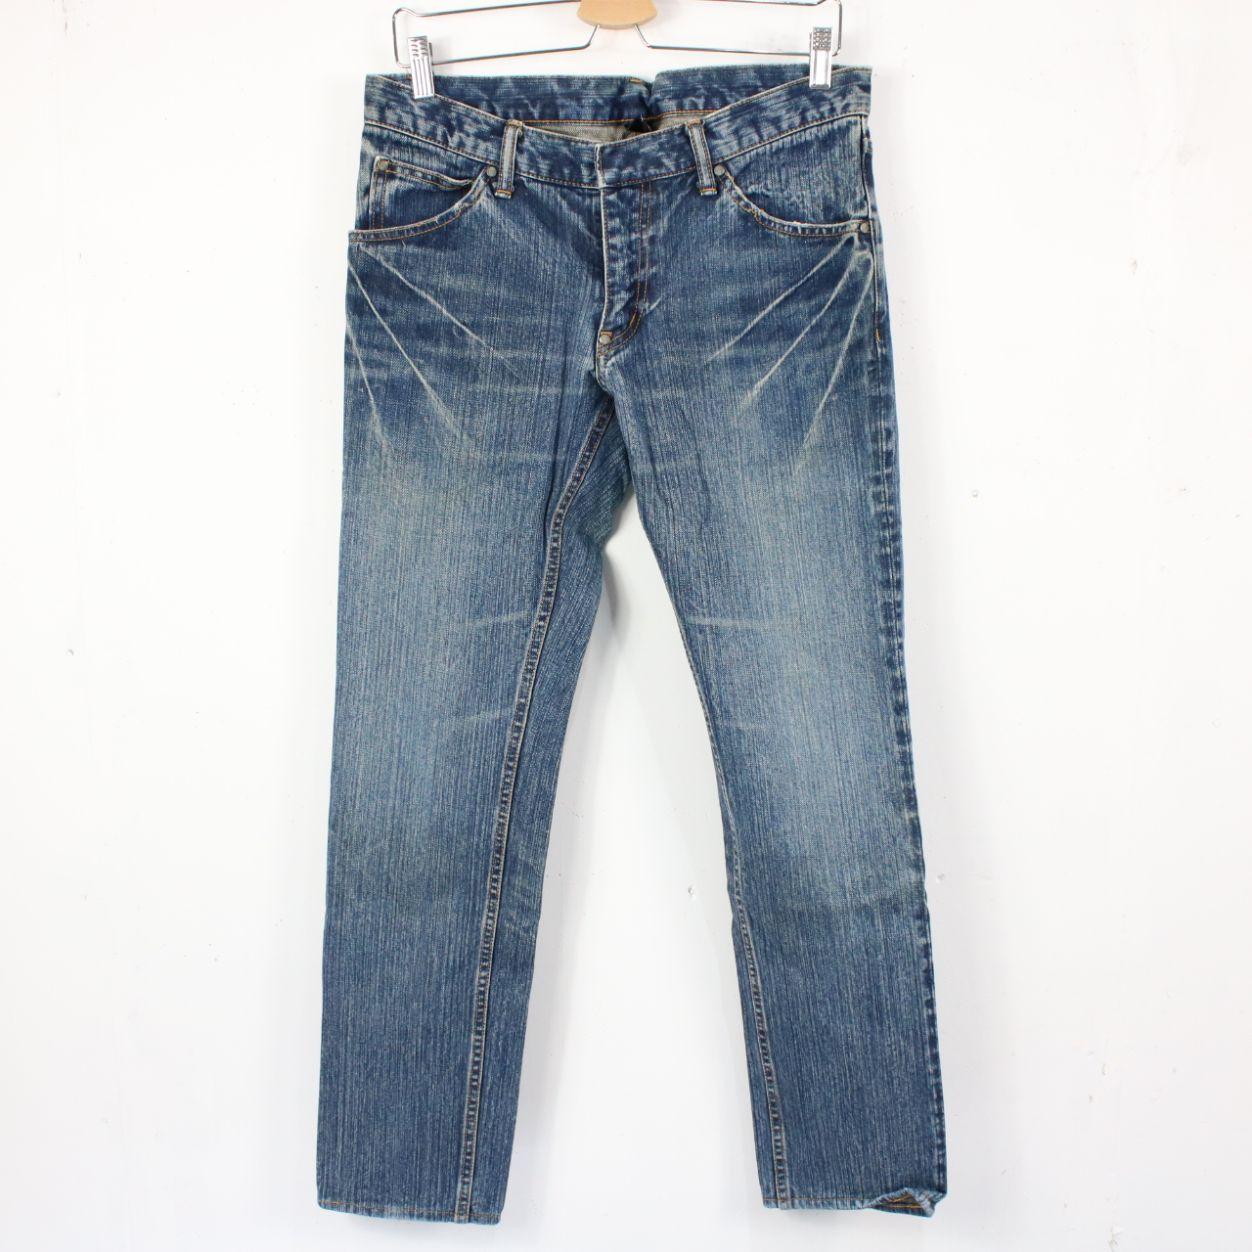 PLEDGE / プレッジ | ウォッシュ加工5ポケットデニムジーンズ | インディゴ | メンズ